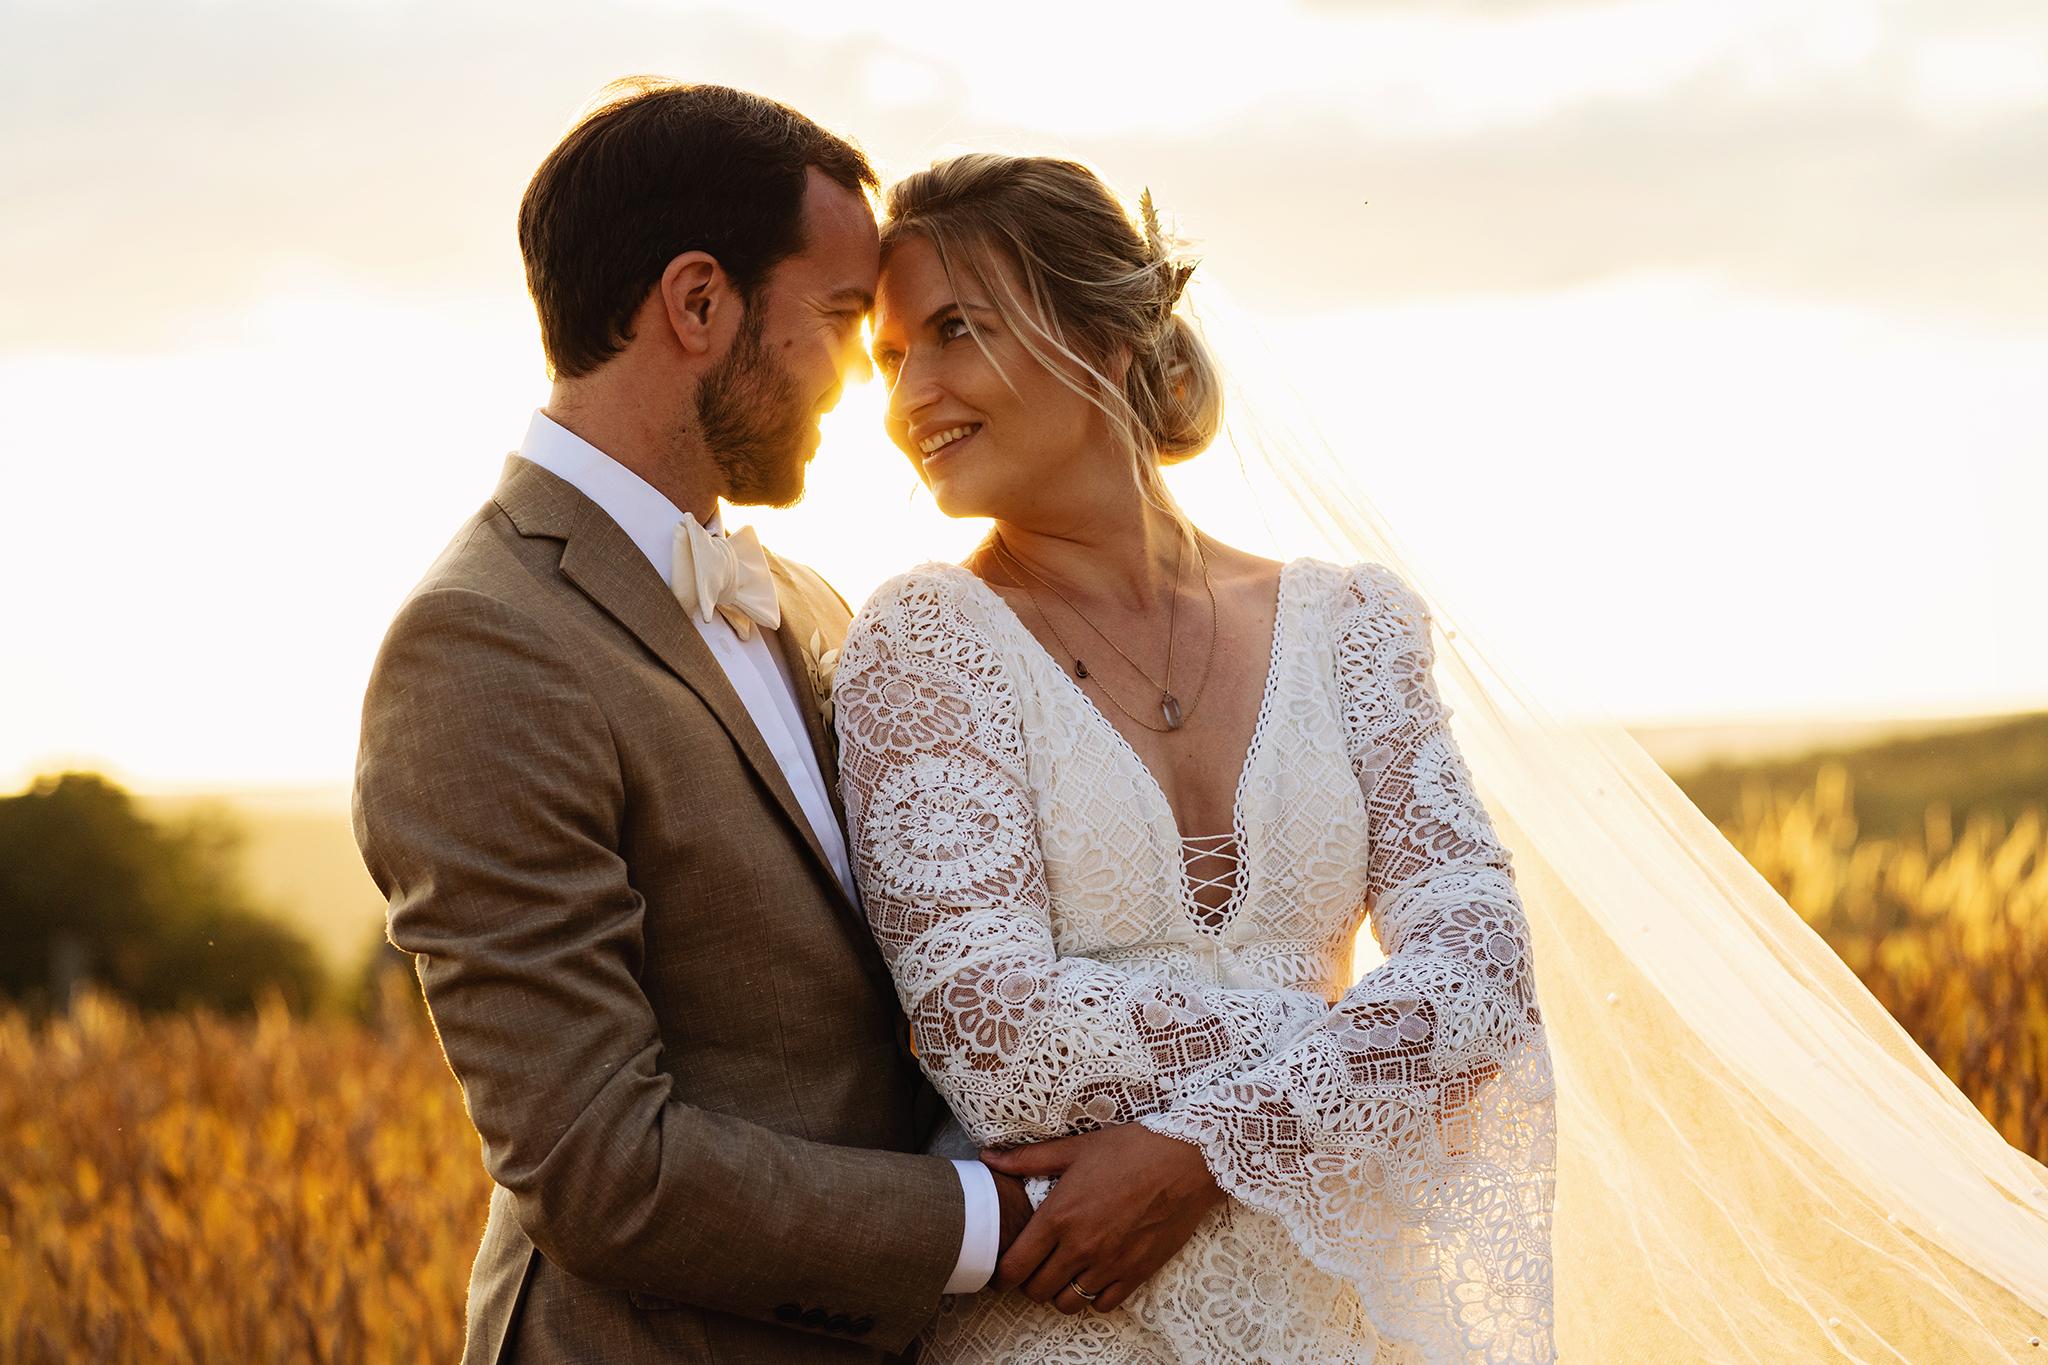 Golden hour bruiloft   Trouwfotoshoot   Trouwen in de zomer   Summer wedding